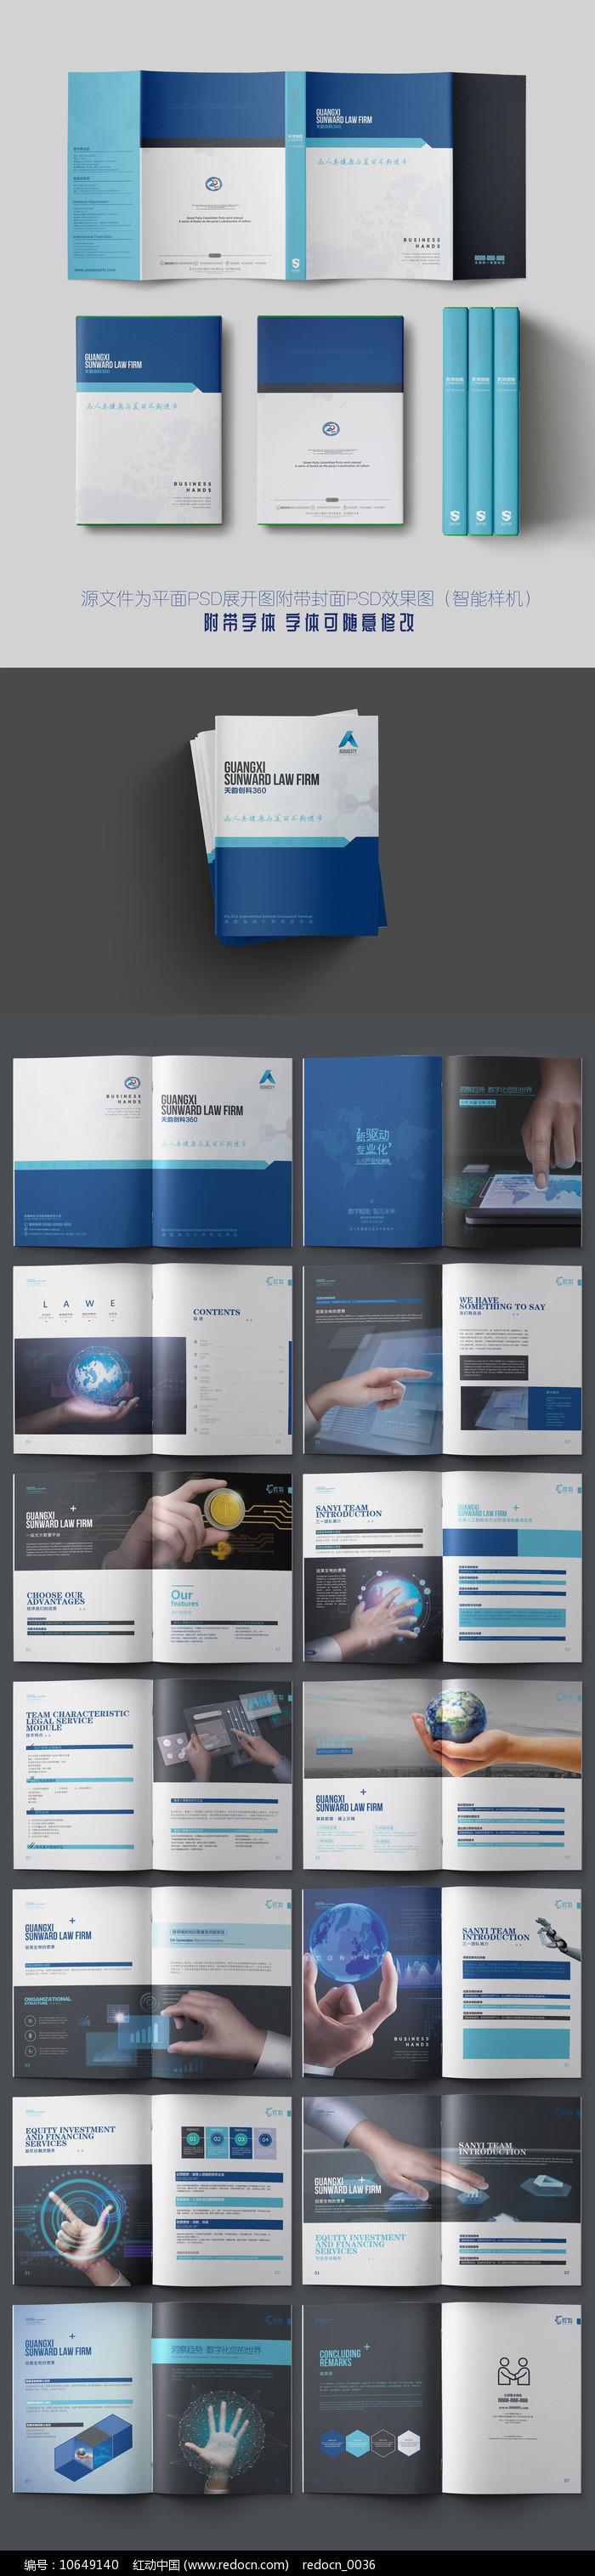 高端大气蓝色科技公司画册设计图片